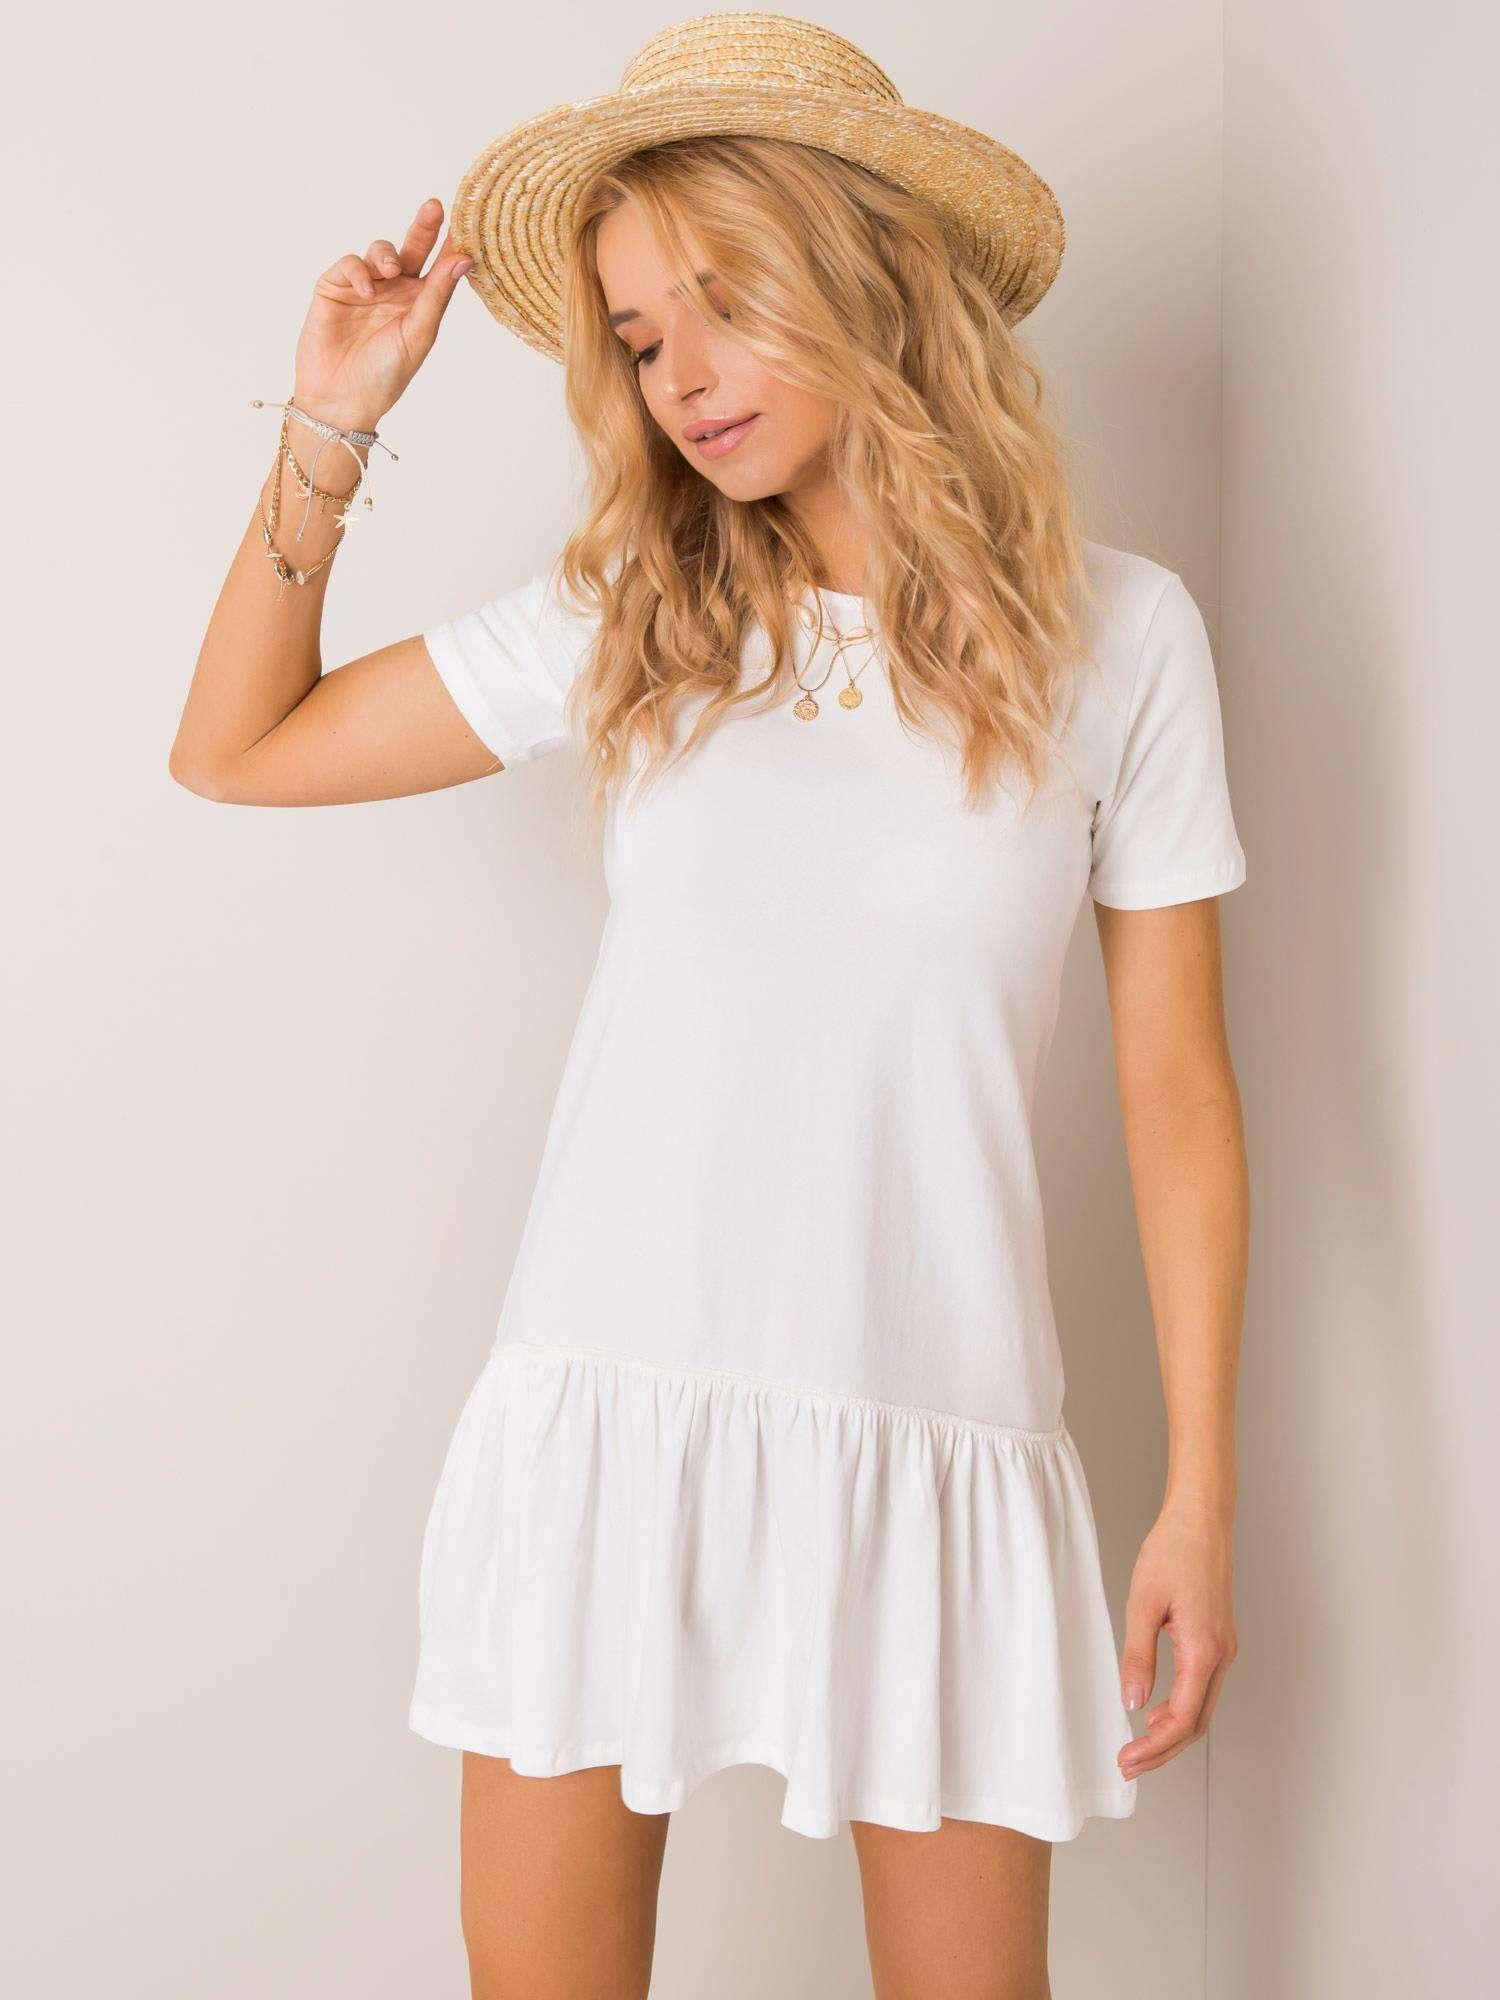 Biele bavlnené šaty s krátkym rukávom a volánikmi - S